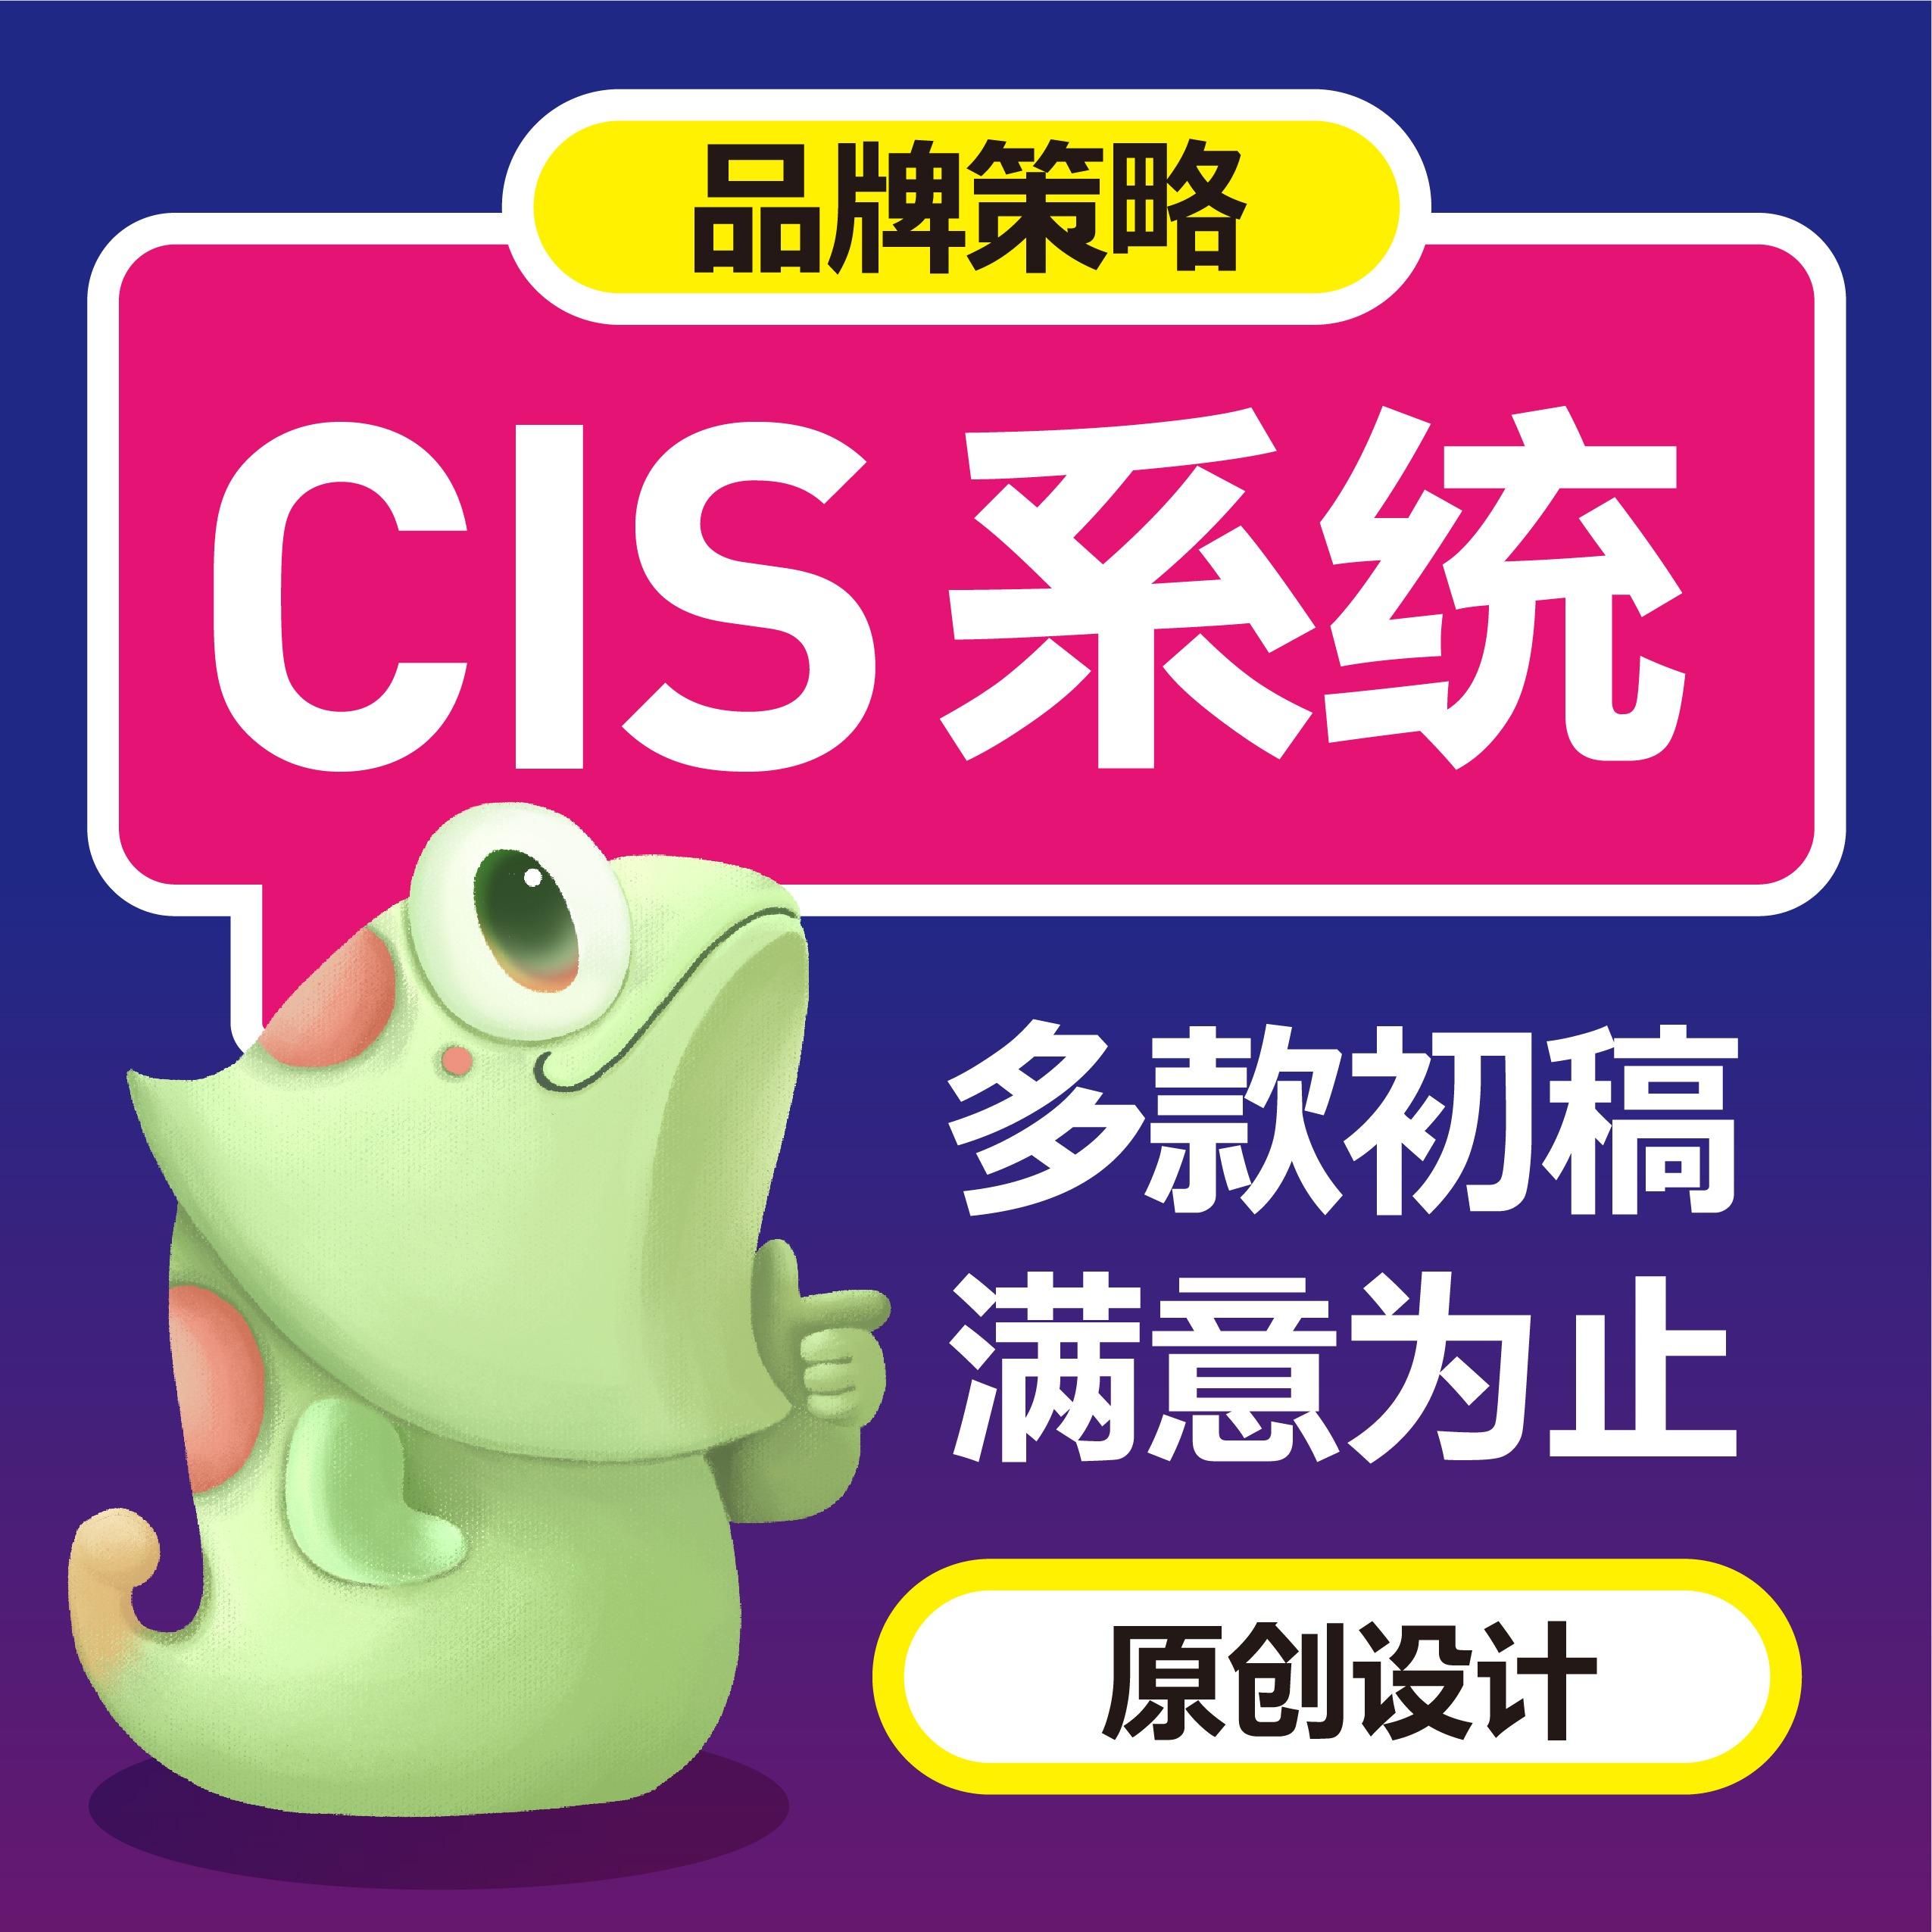 品牌 核心价值 品牌 价值观 品牌 定位品理念MI 品牌 个性CIS系统